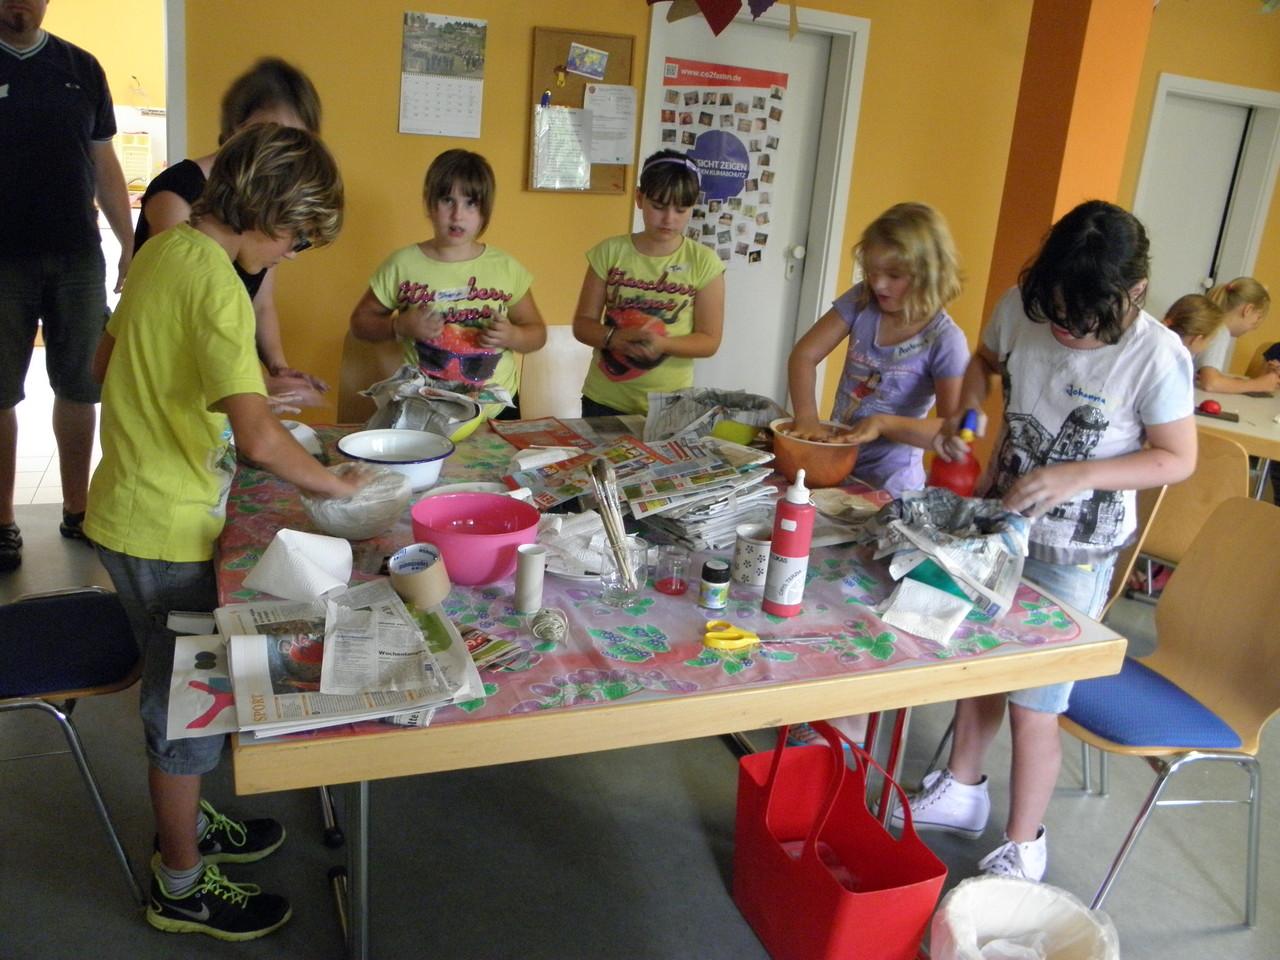 Die kreative Pilzwerkstatt: wir bauen Gipspilze, Filzpilze, Salzteigpilze ... und was uns noch so alles einfällt.